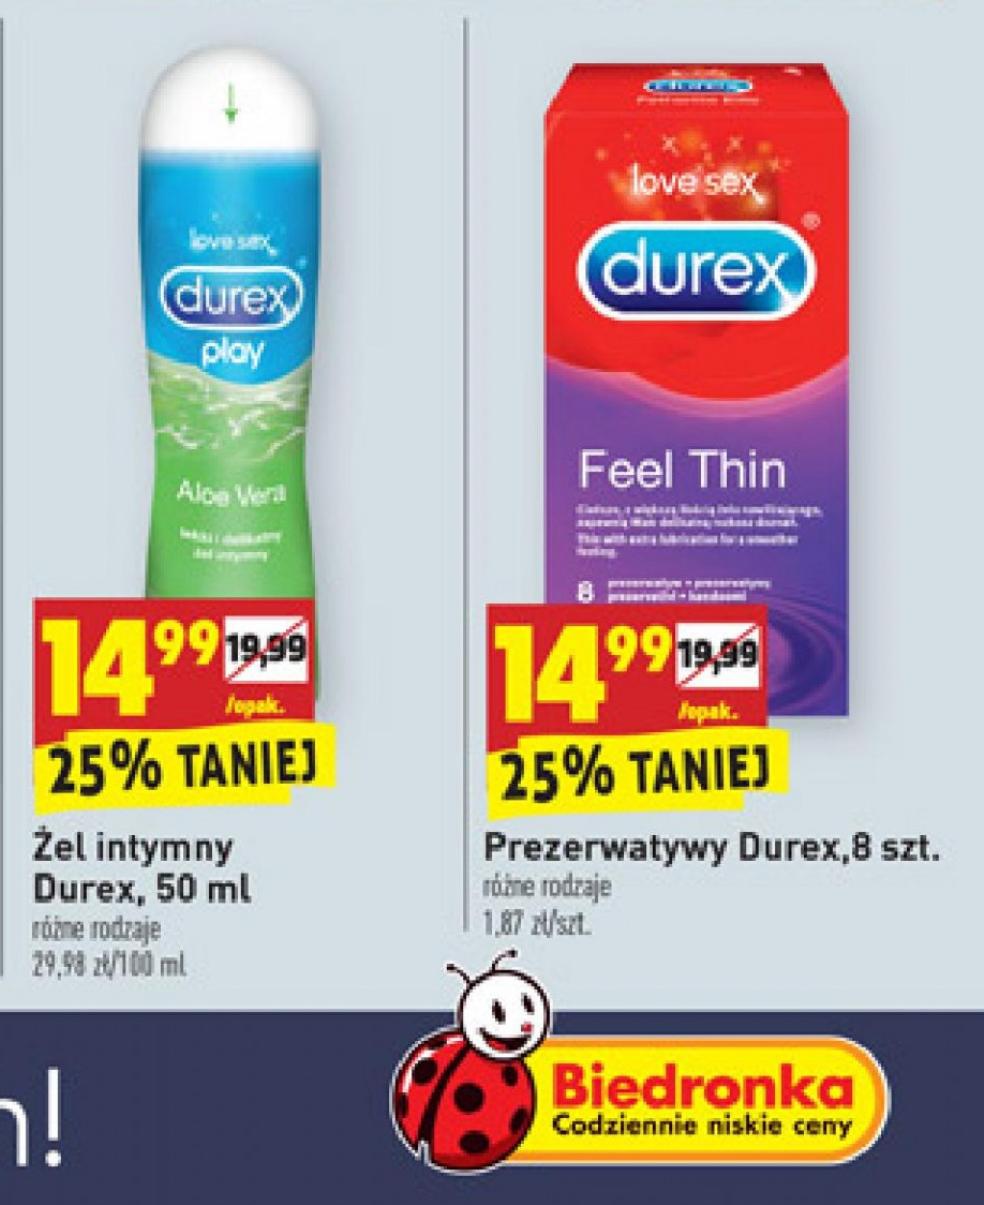 Żel intymny Durex 50ml. lub Prezerwatywy Durex 8szt. W Biedronce